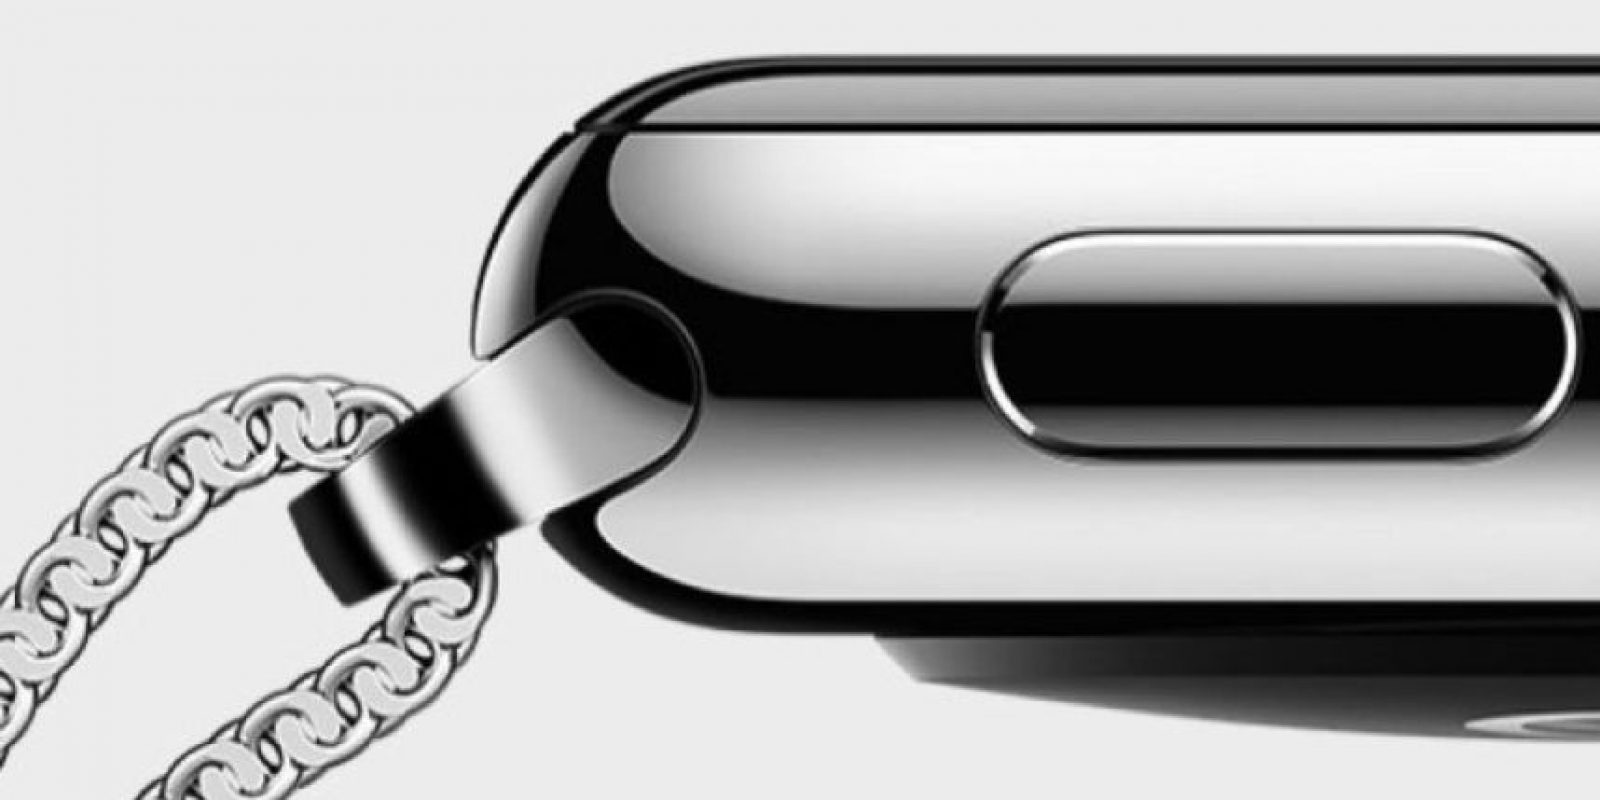 Contará con conectividad Wi-Fi, NFC, Acelerómetro, GPS, Sensor de frecuencia cardiaca y Bluetooth 4.0 Foto:Apple